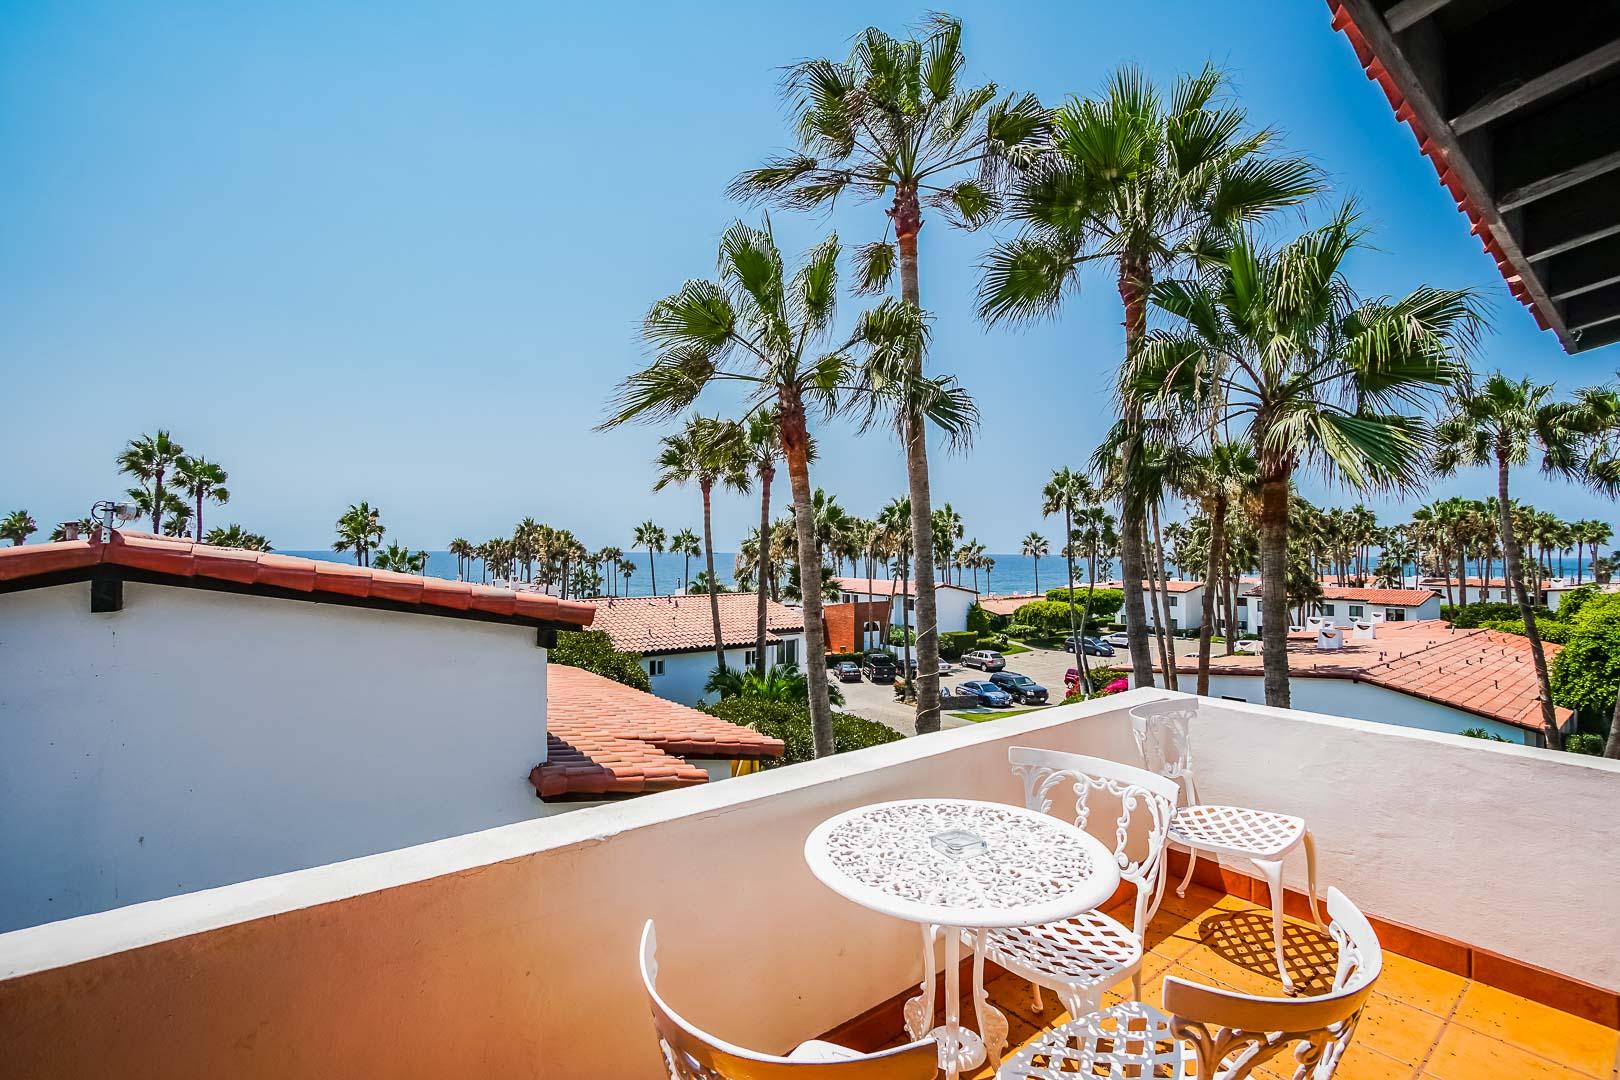 La Paloma - Balcony view